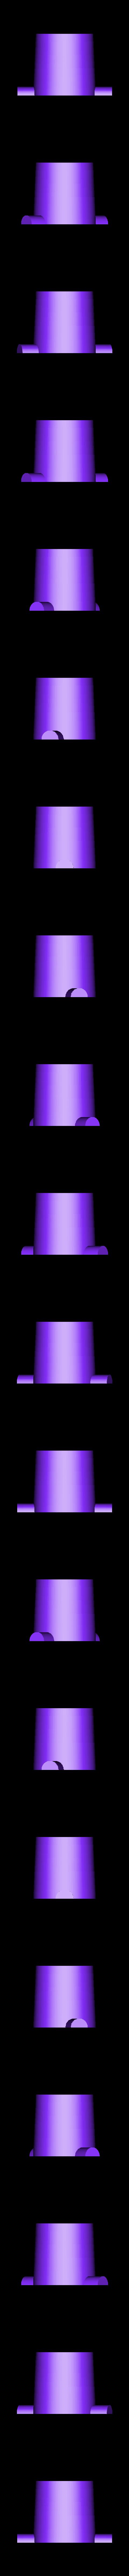 4_cannon_mid_center_high.stl Télécharger fichier STL gratuit Canon son et lumière • Modèle pour imprimante 3D, ewr2san